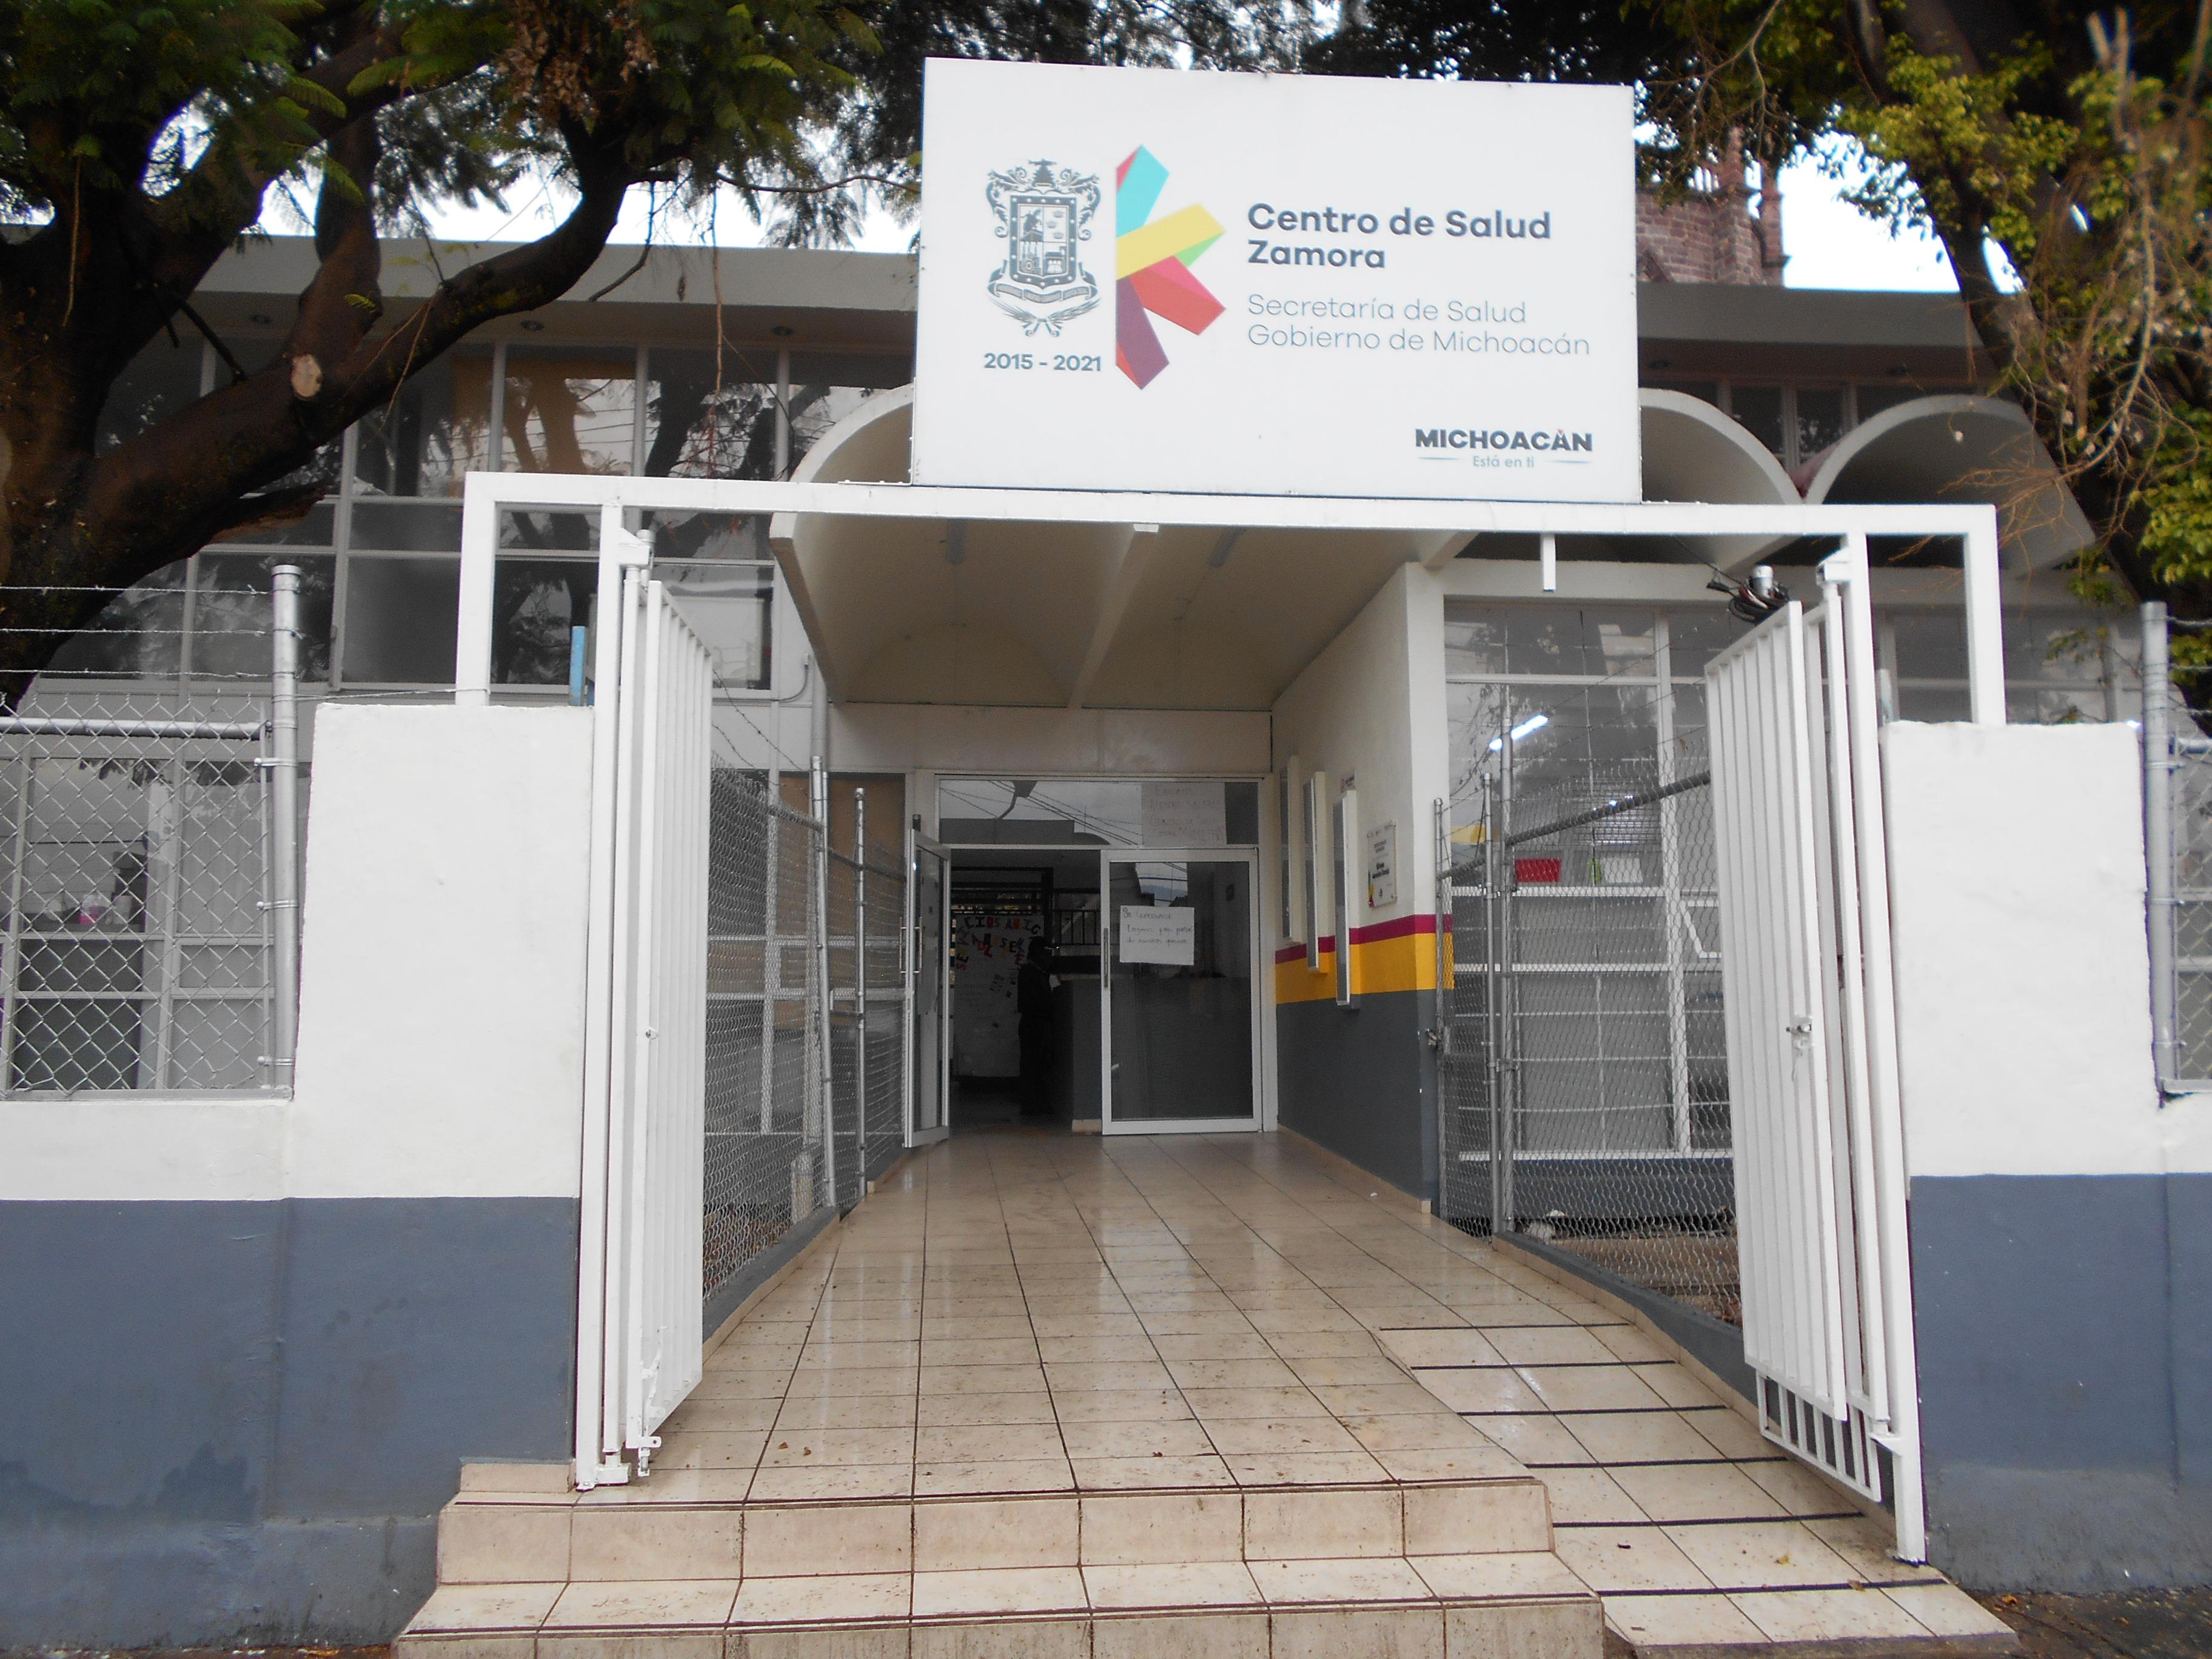 Reanudan actividades en centro de salud for Sol del centro